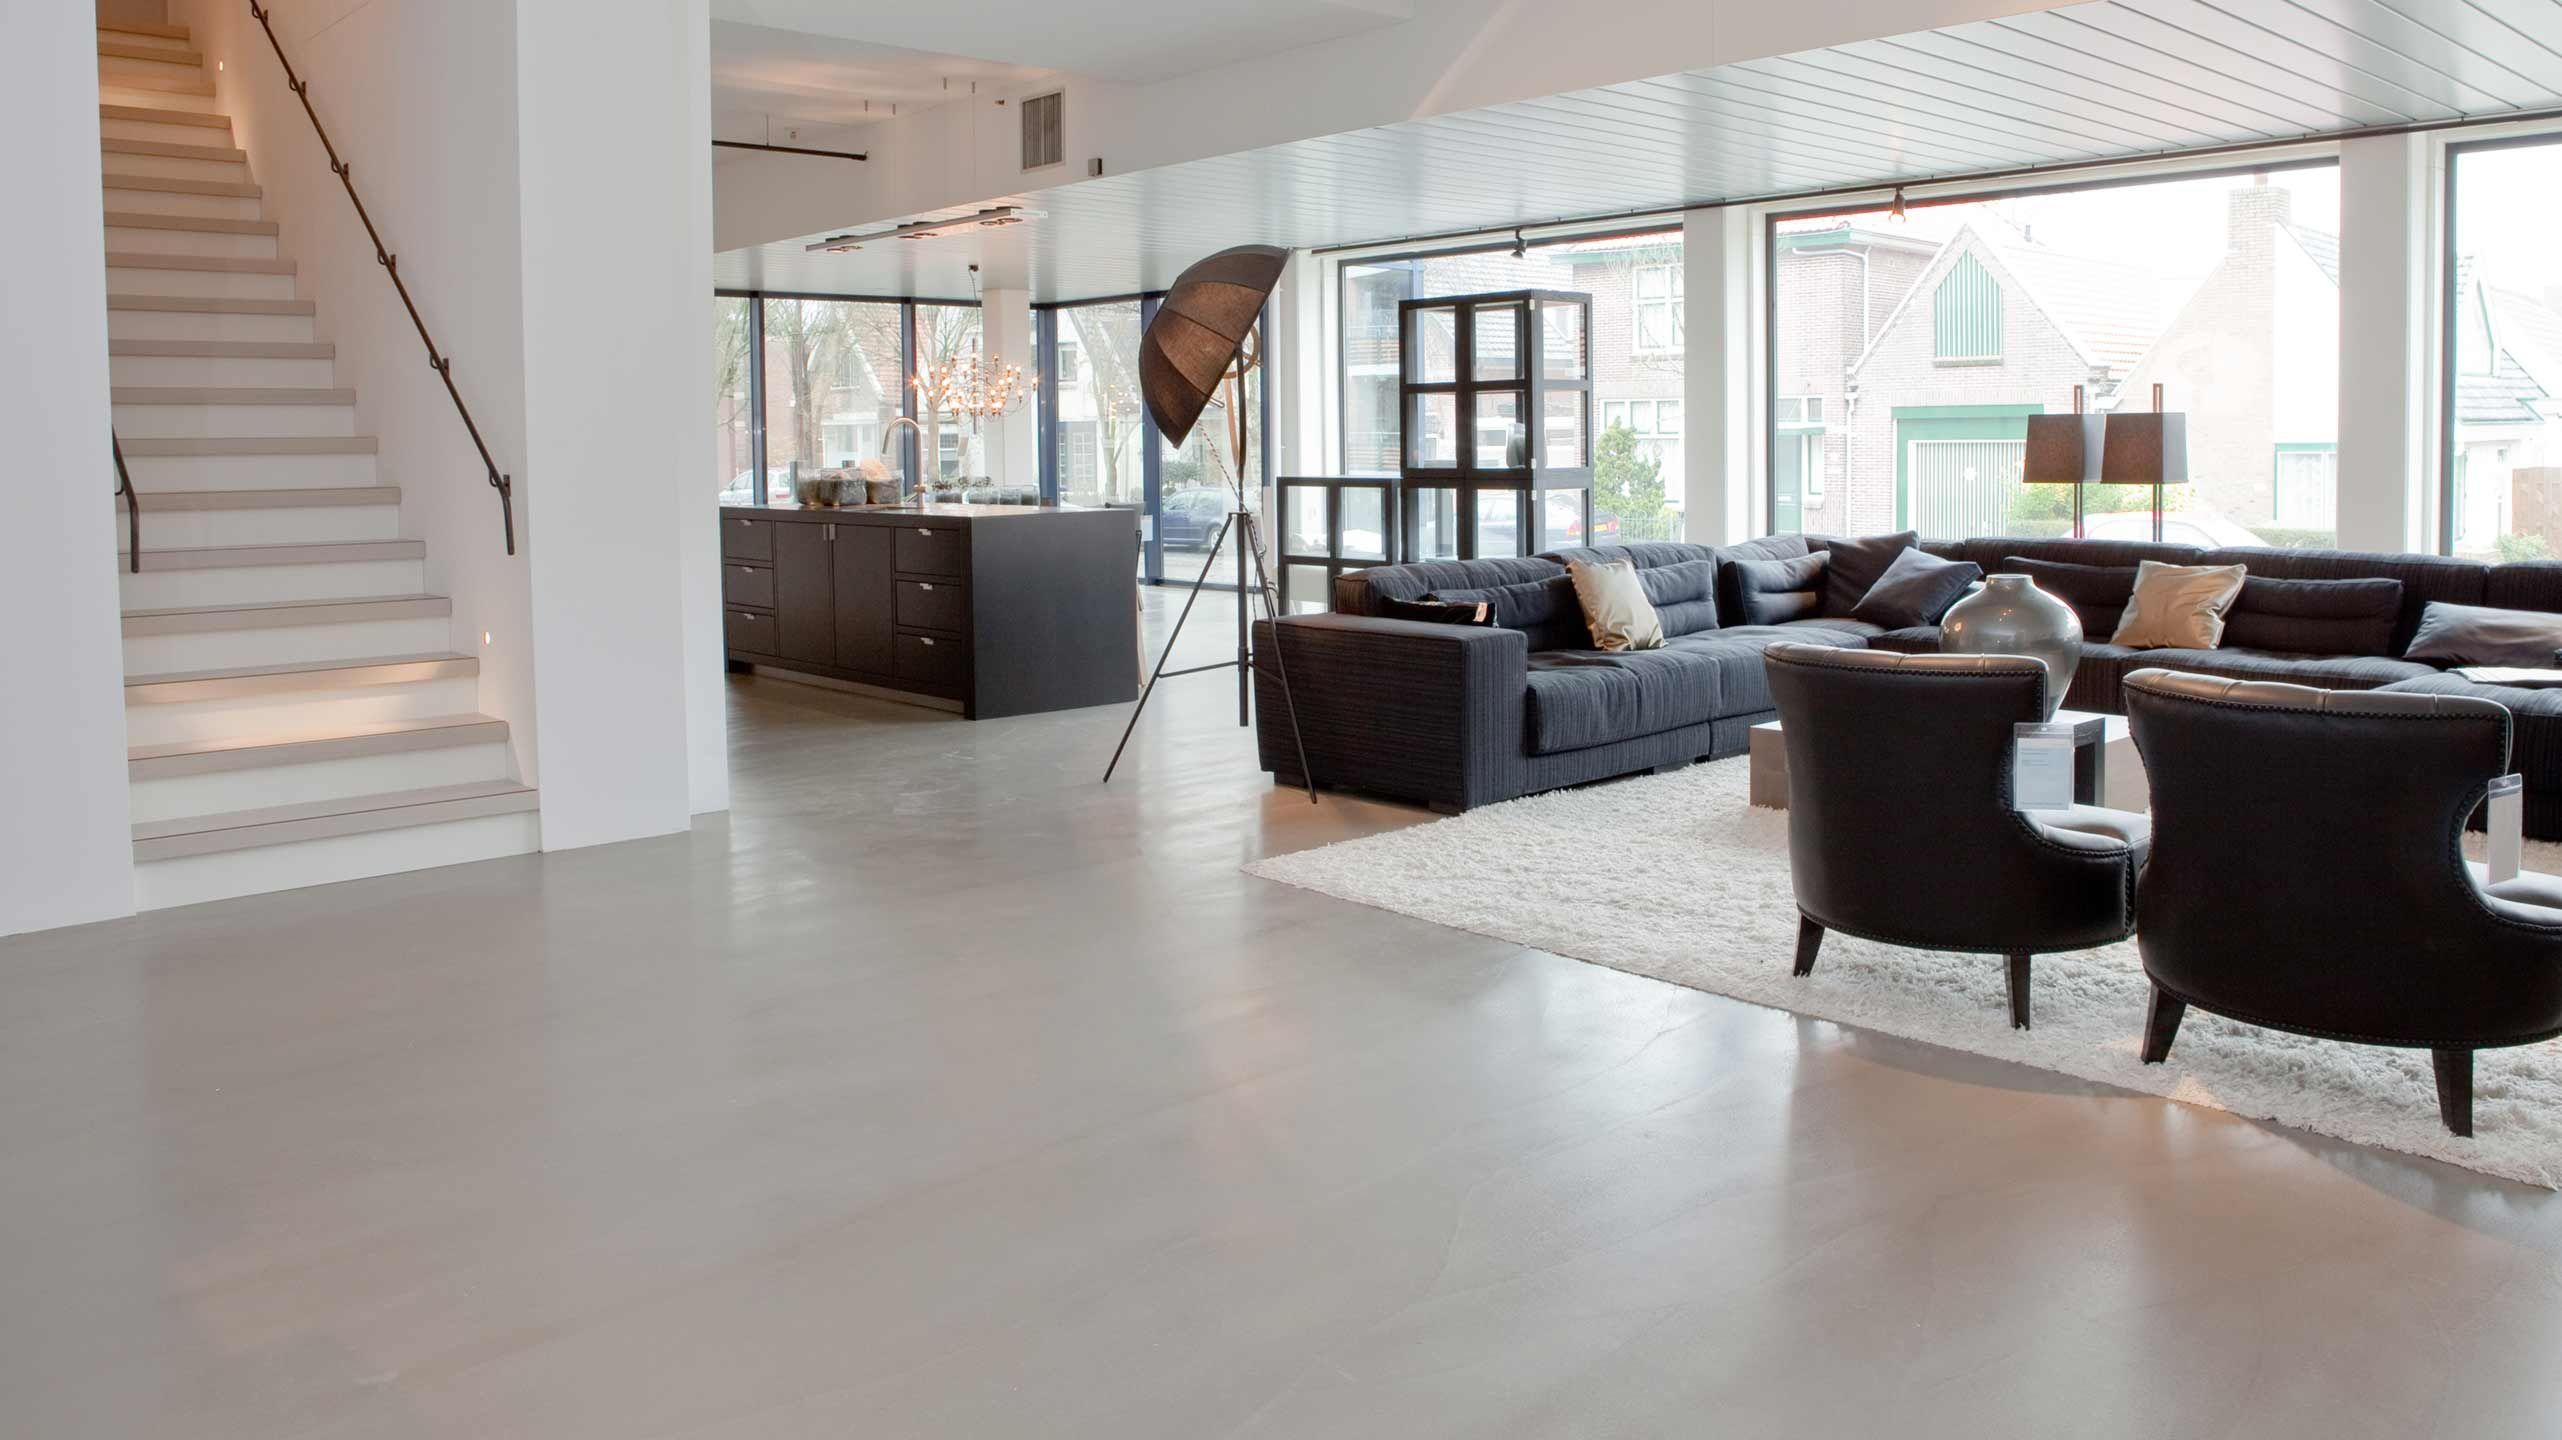 Pandomo Designboden Bodenbelage Ohne Fugen In Vielen Farben Raumausstattung Merget Wohnen Beton Estrich Bodenbeschichtung